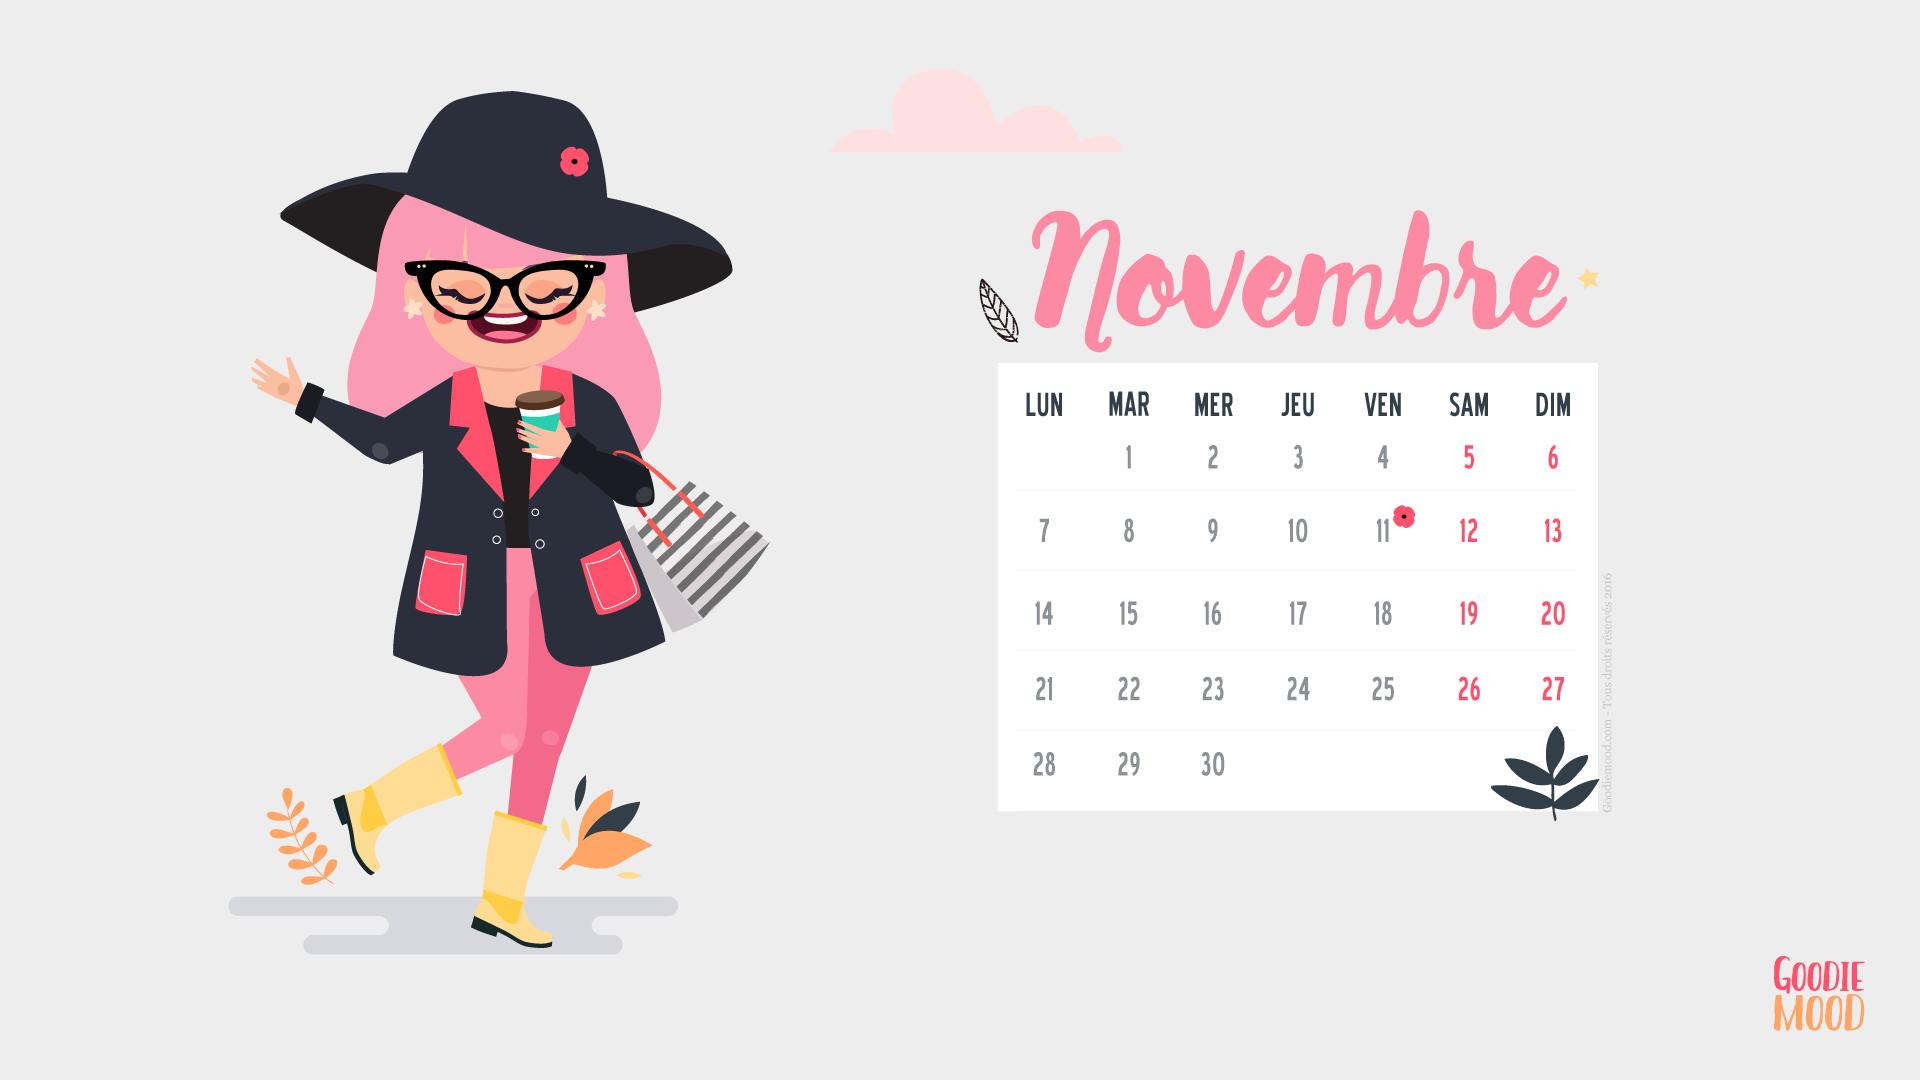 Fond d 39 cran pour le mois de novembre goodie mood for Fond ecran novembre